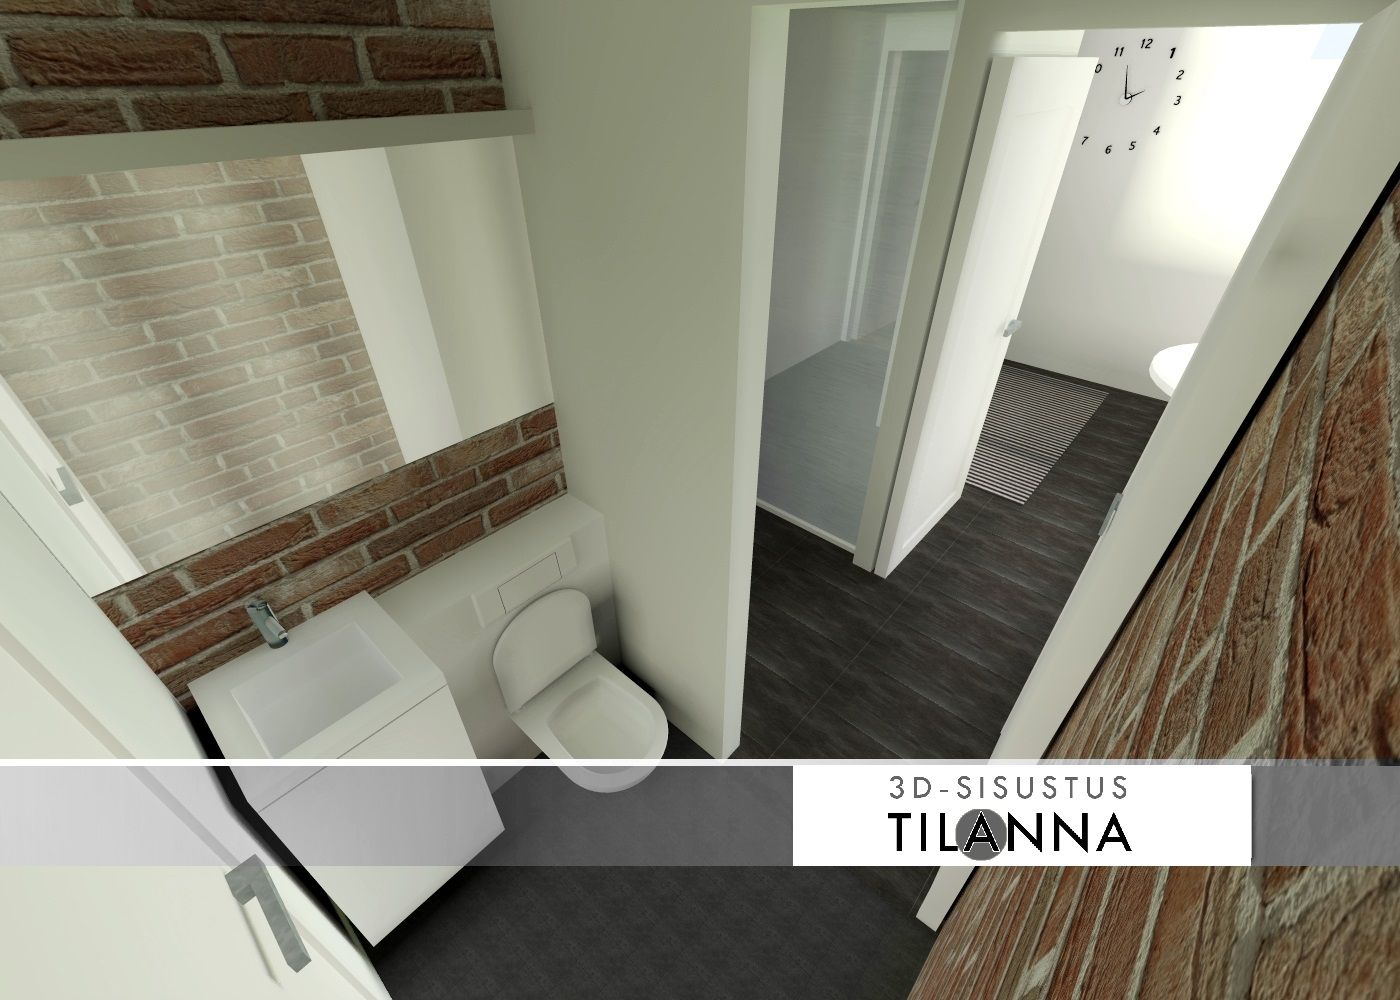 3D - sisustussuunnittelu / wc, tummanharmaa laatta lattialla, keraaminen tiililaatta ja valkoiseksi maalattu seinä sekä valkoiset kiintokalusteet, seinä-wc, red tile and wall painted with white, bathroom, wall-mounted toilet / 3D-sisustus Tilanna, sisustussuunnittelija Jyväskylä